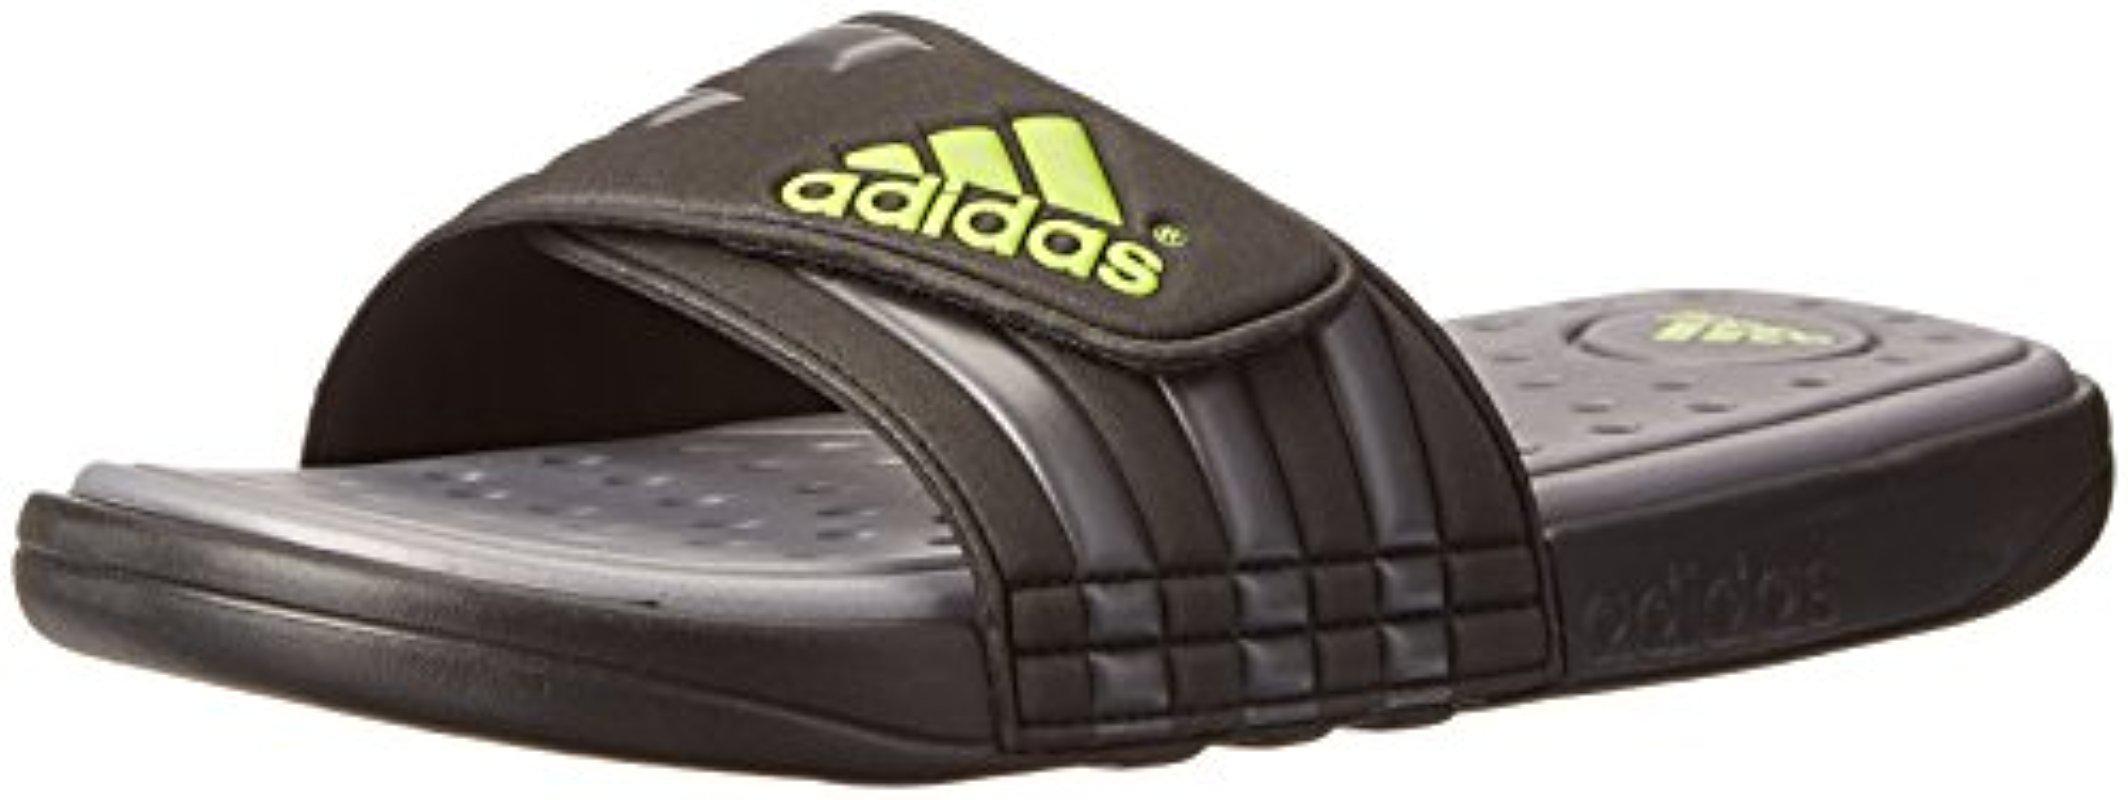 71b203ed4689 Lyst - adidas Adissage Sc Slide Sandal in Black for Men